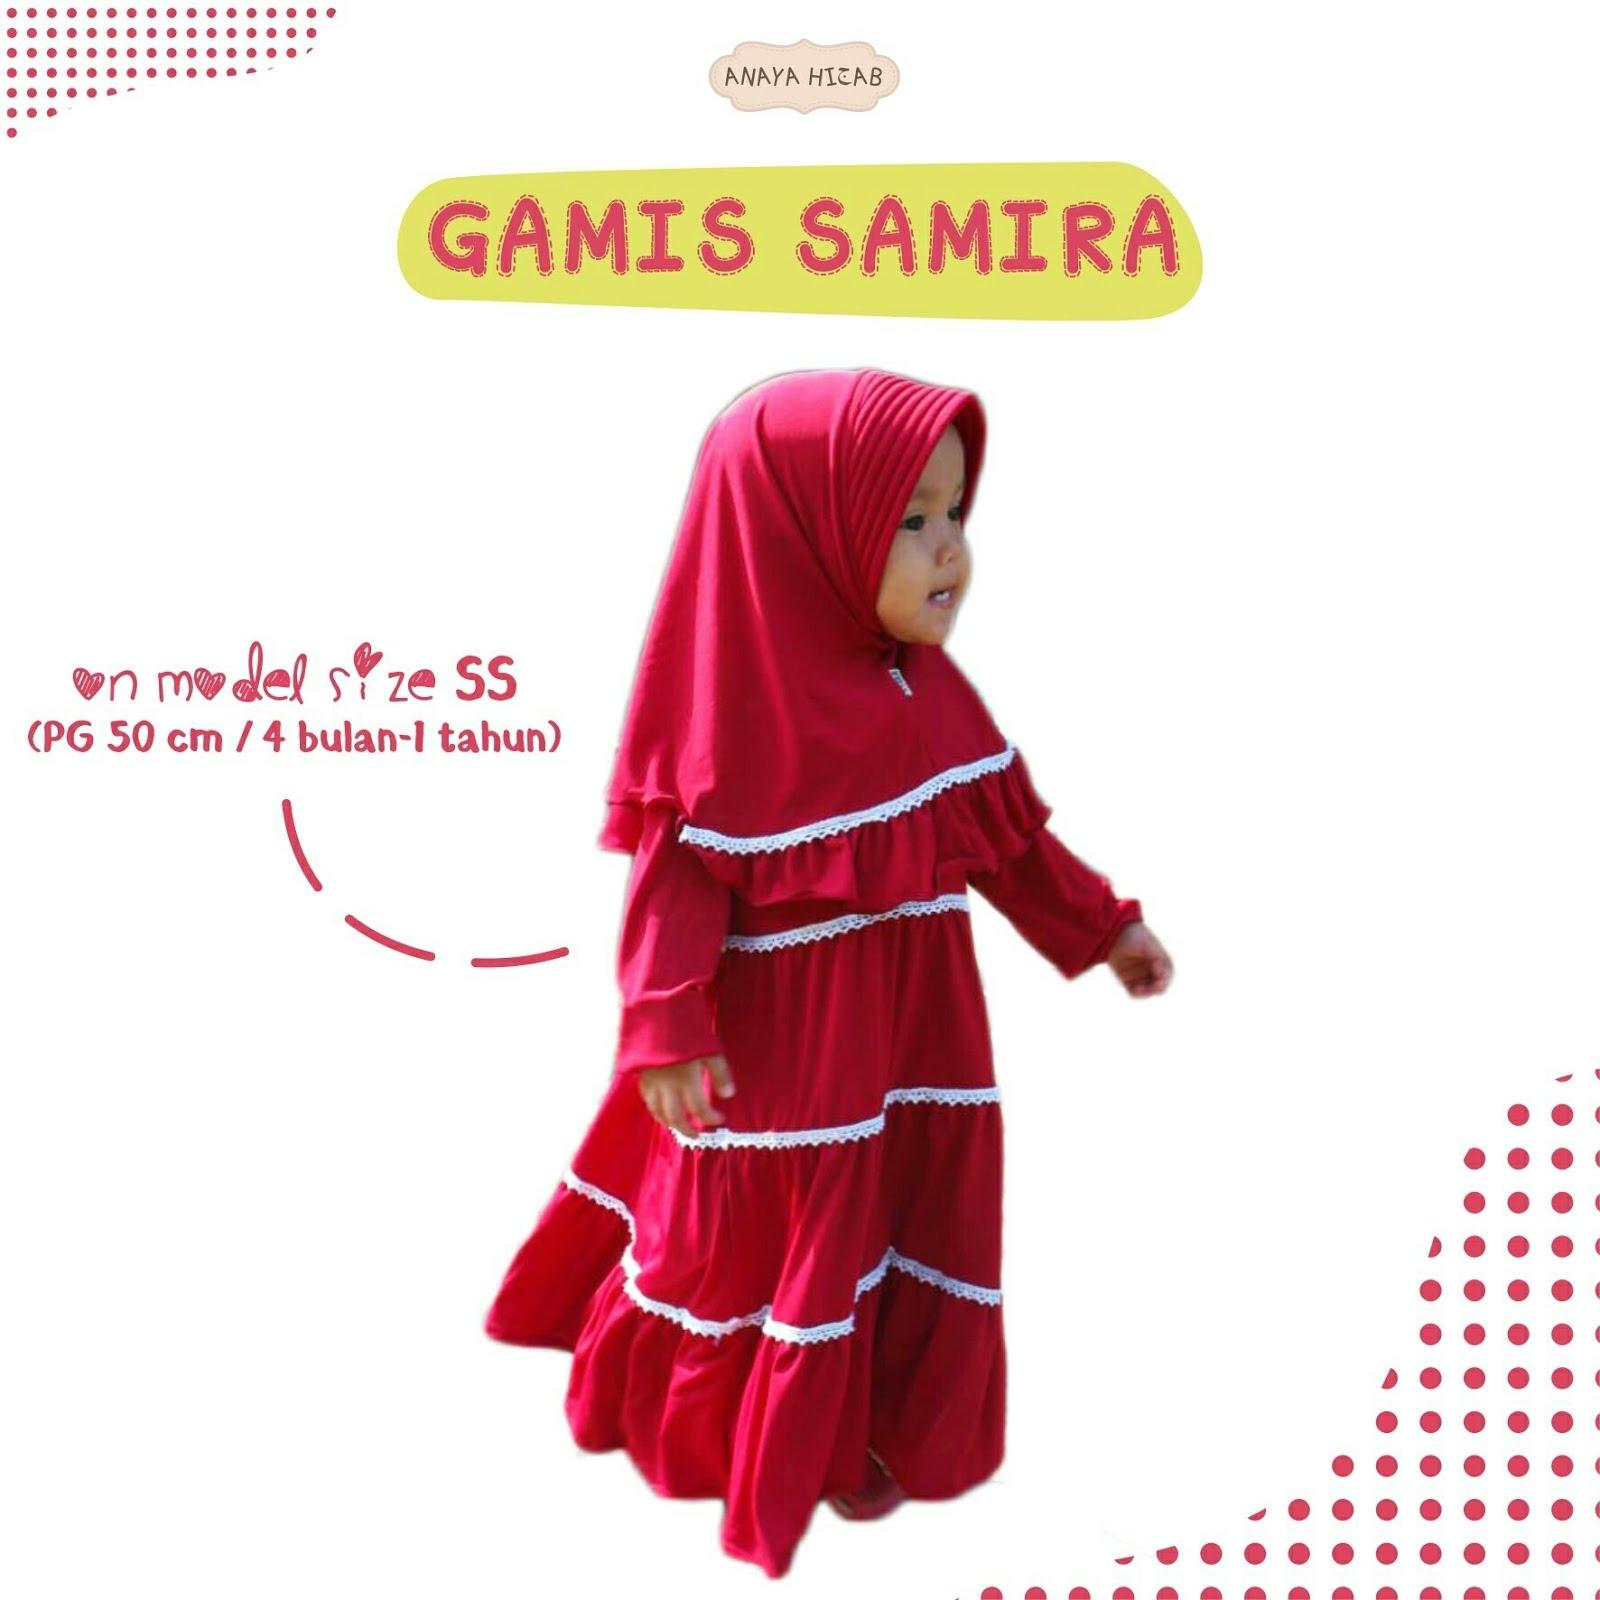 GAMIS SAMIRA